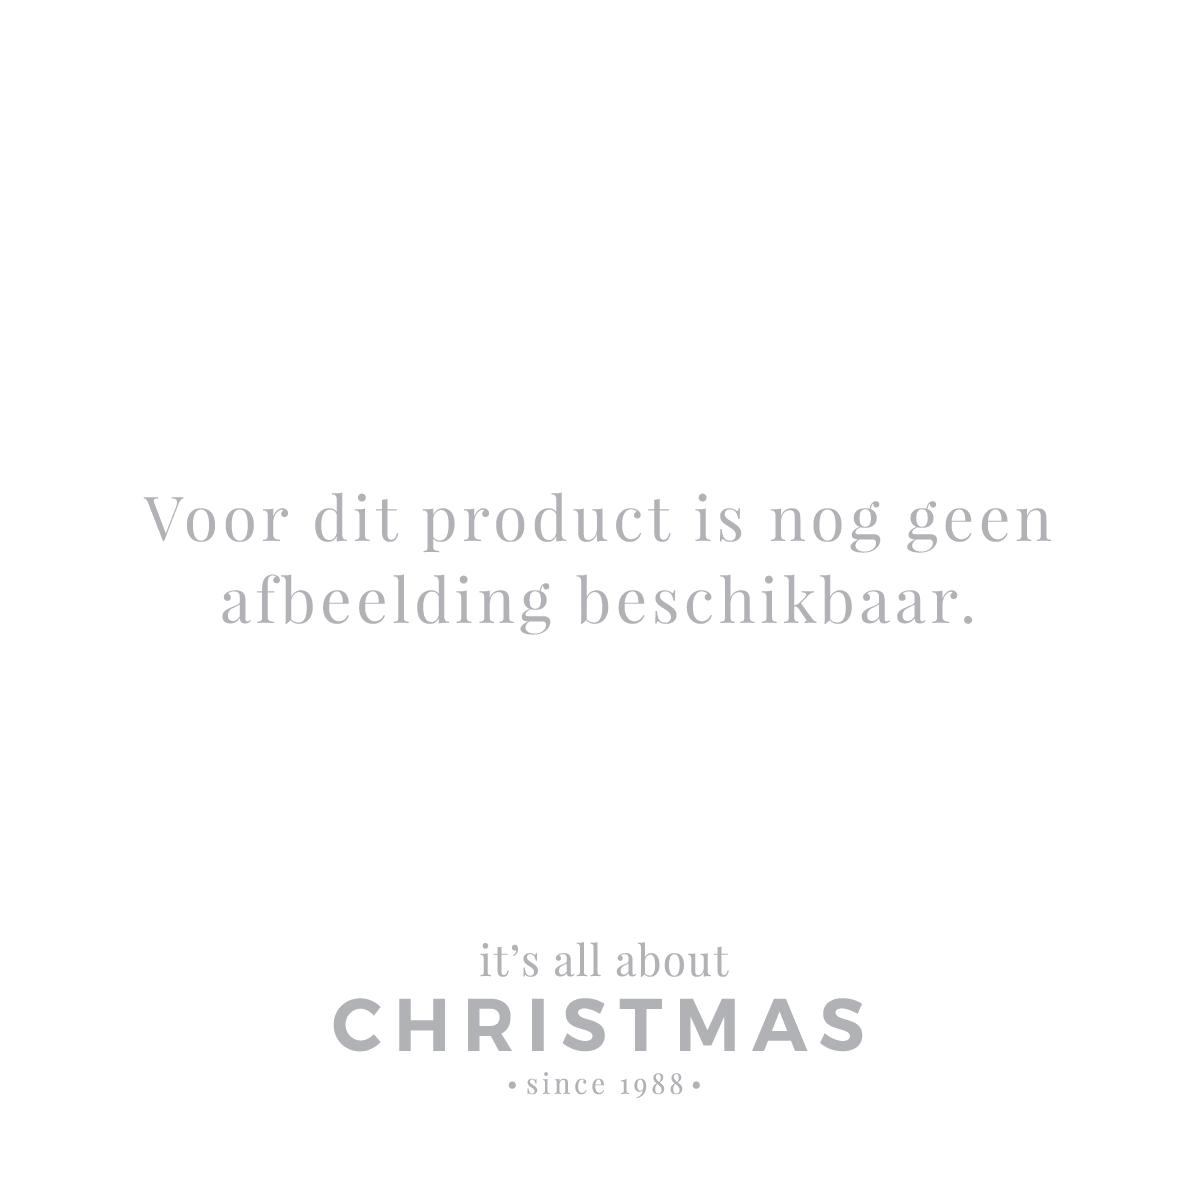 12 Christbaumschmuck Sterne taupe, Kunststoff, 10 cm